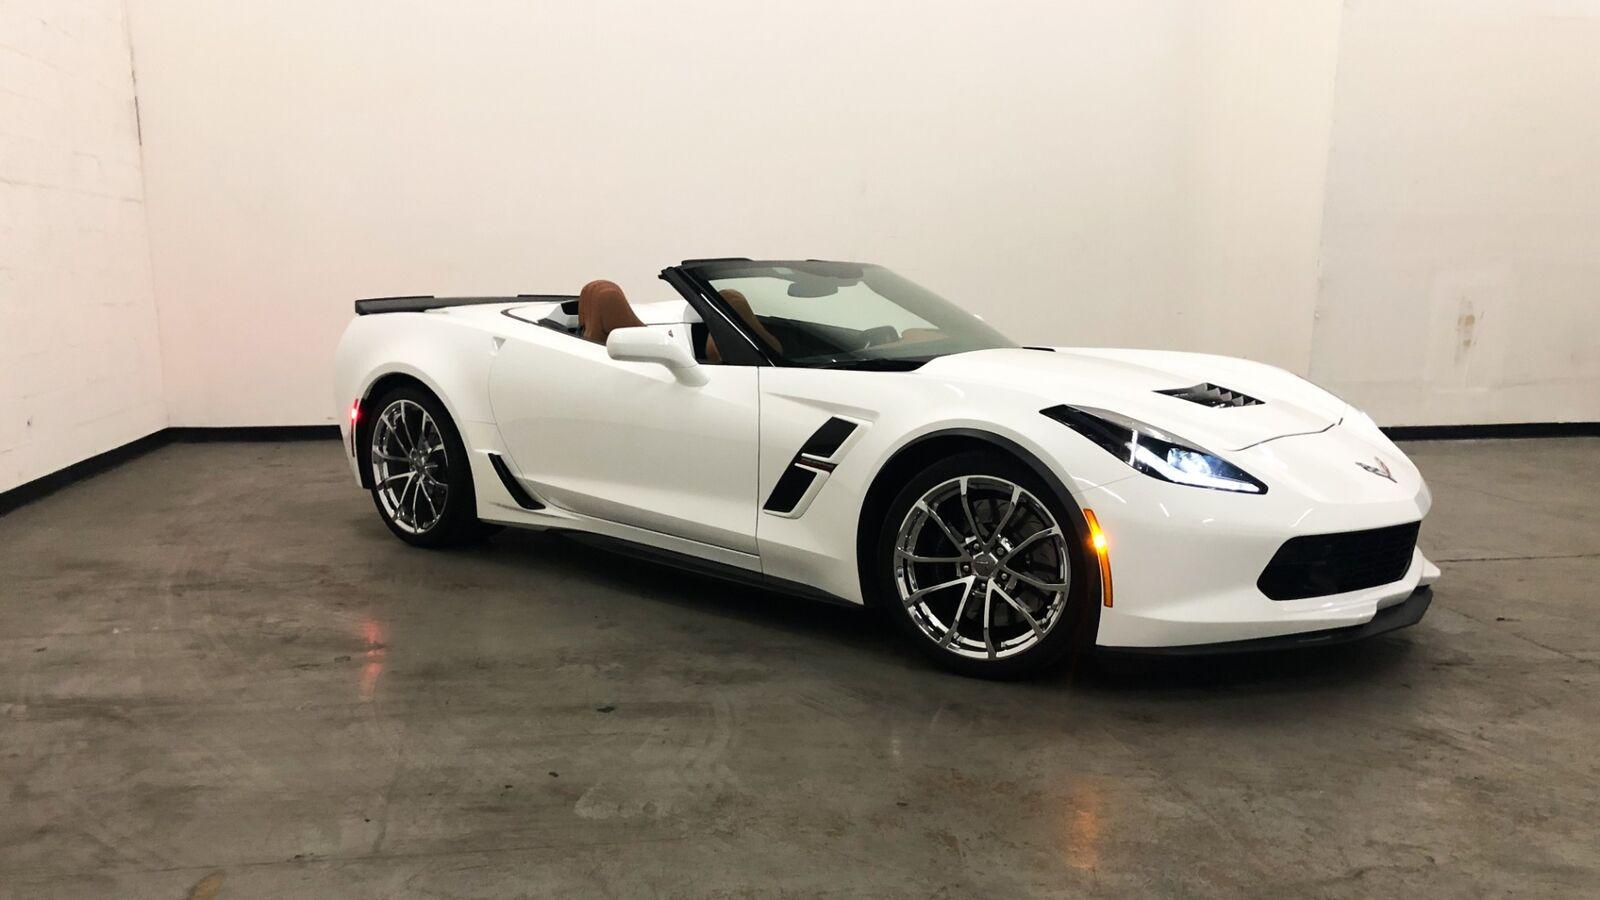 2018 White Chevrolet Corvette Grand Sport 2LT | C7 Corvette Photo 2